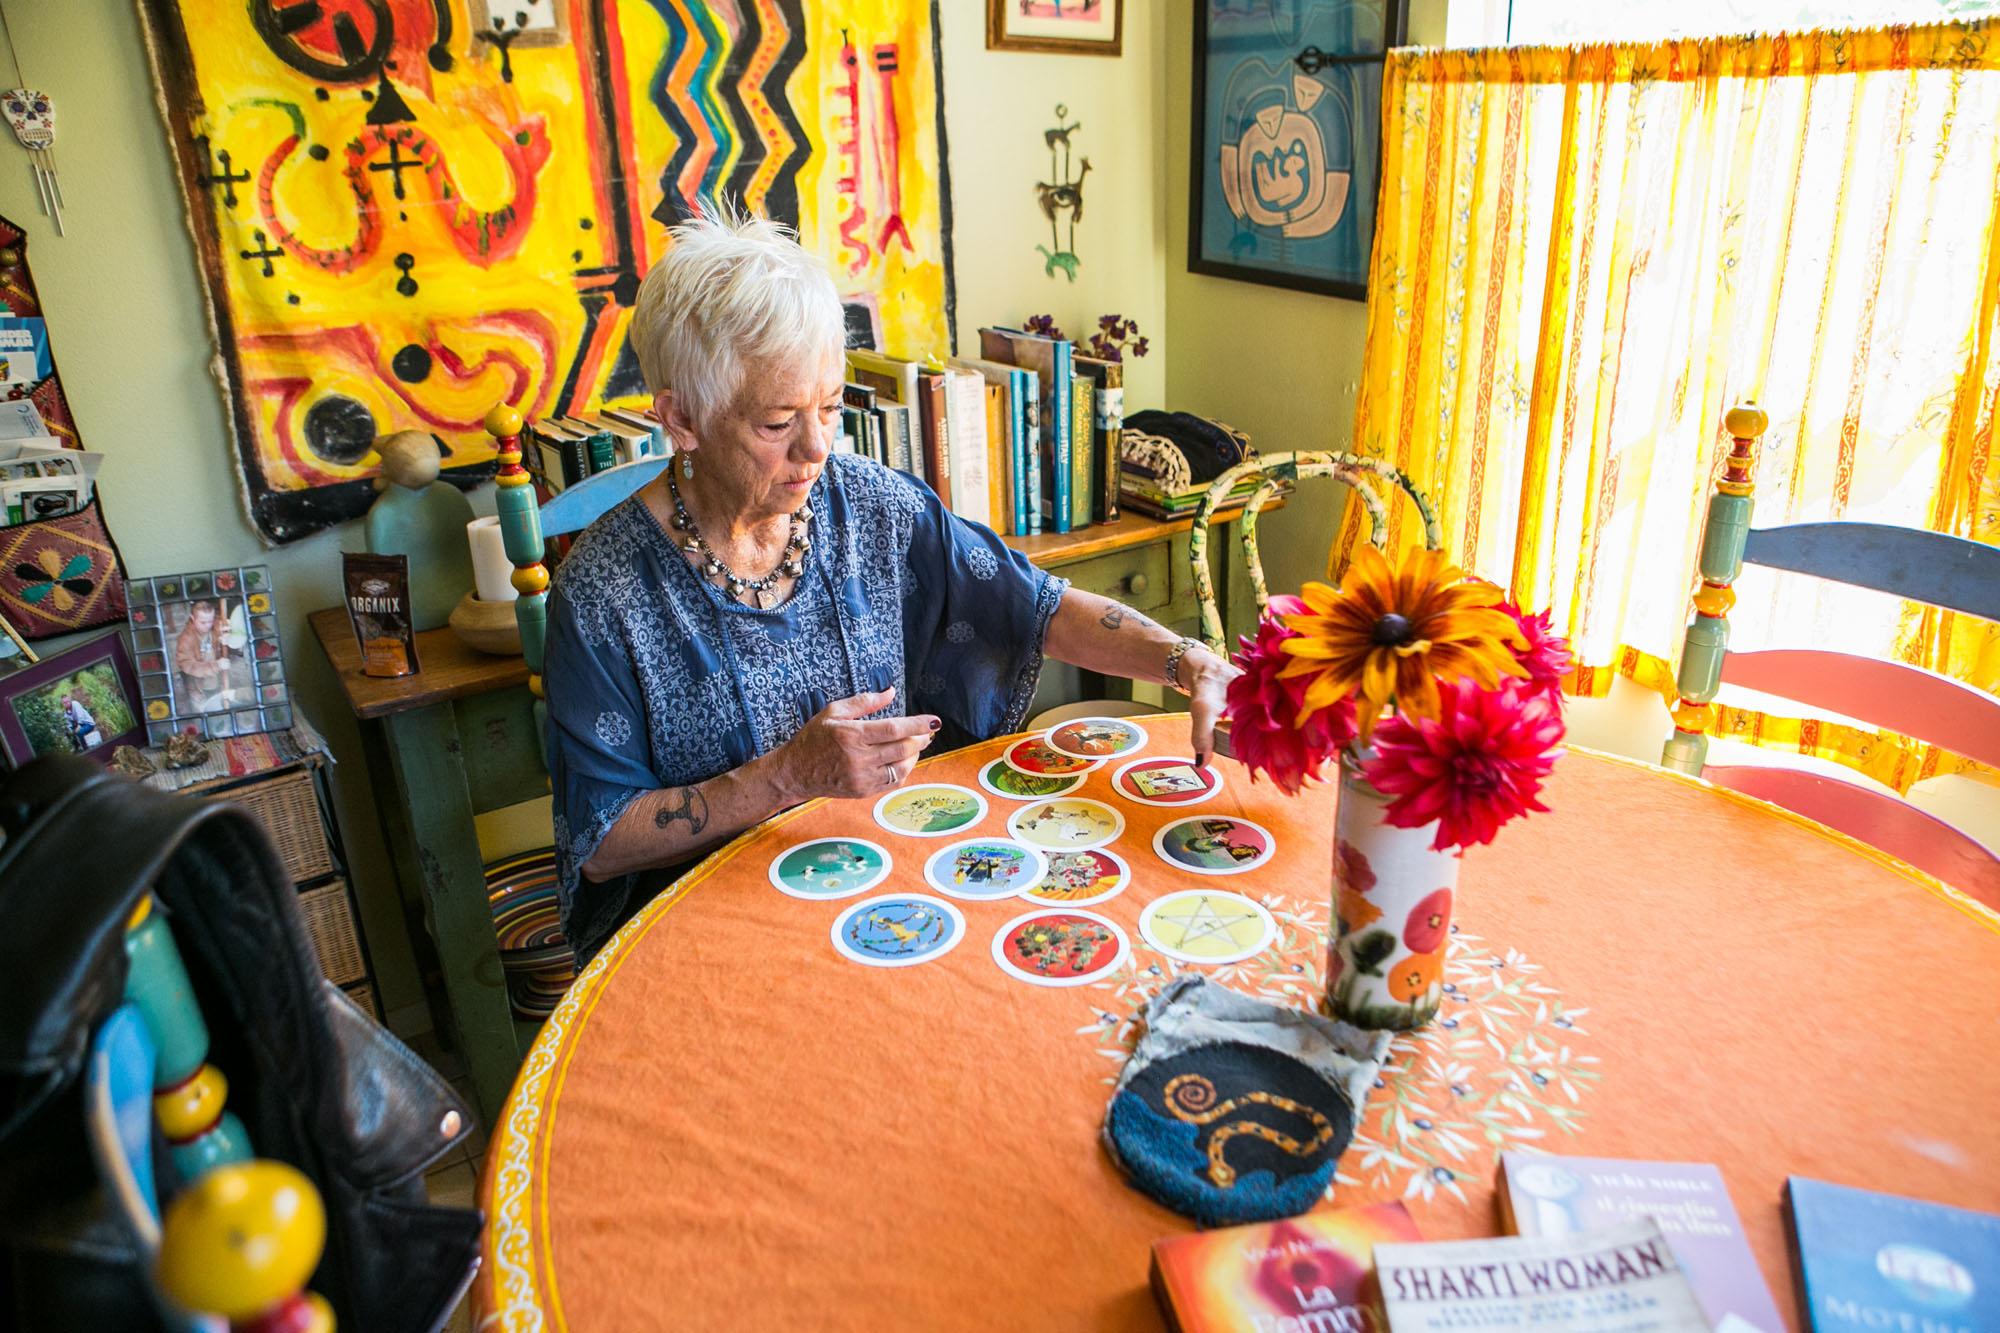 VickiNoble-tarot-cards-branding-photos.jpg